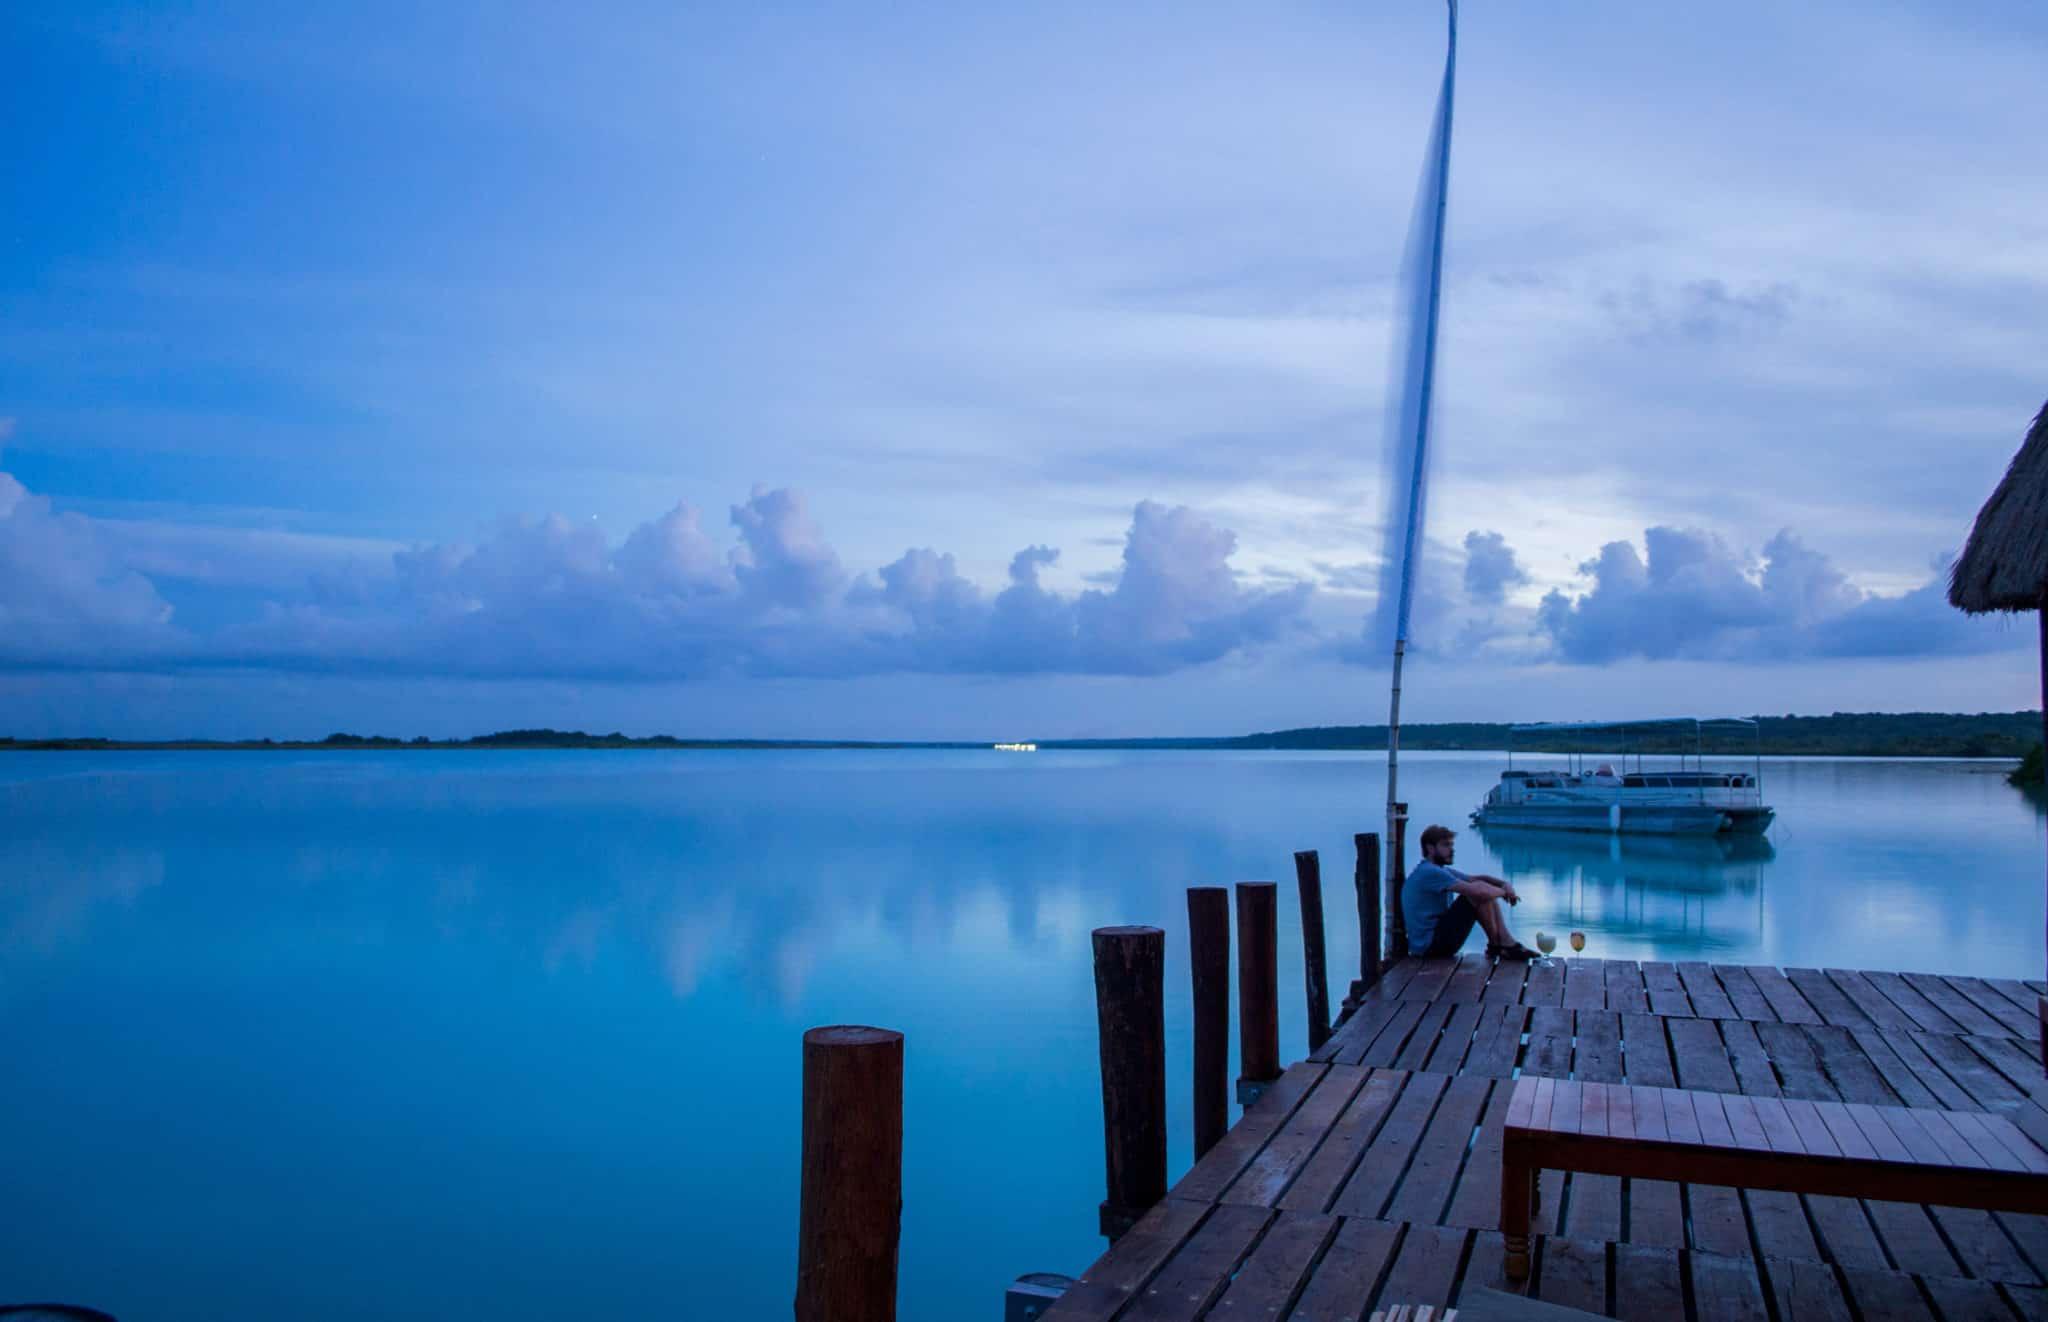 bacalar lagoon quintana roo mexico costa maya